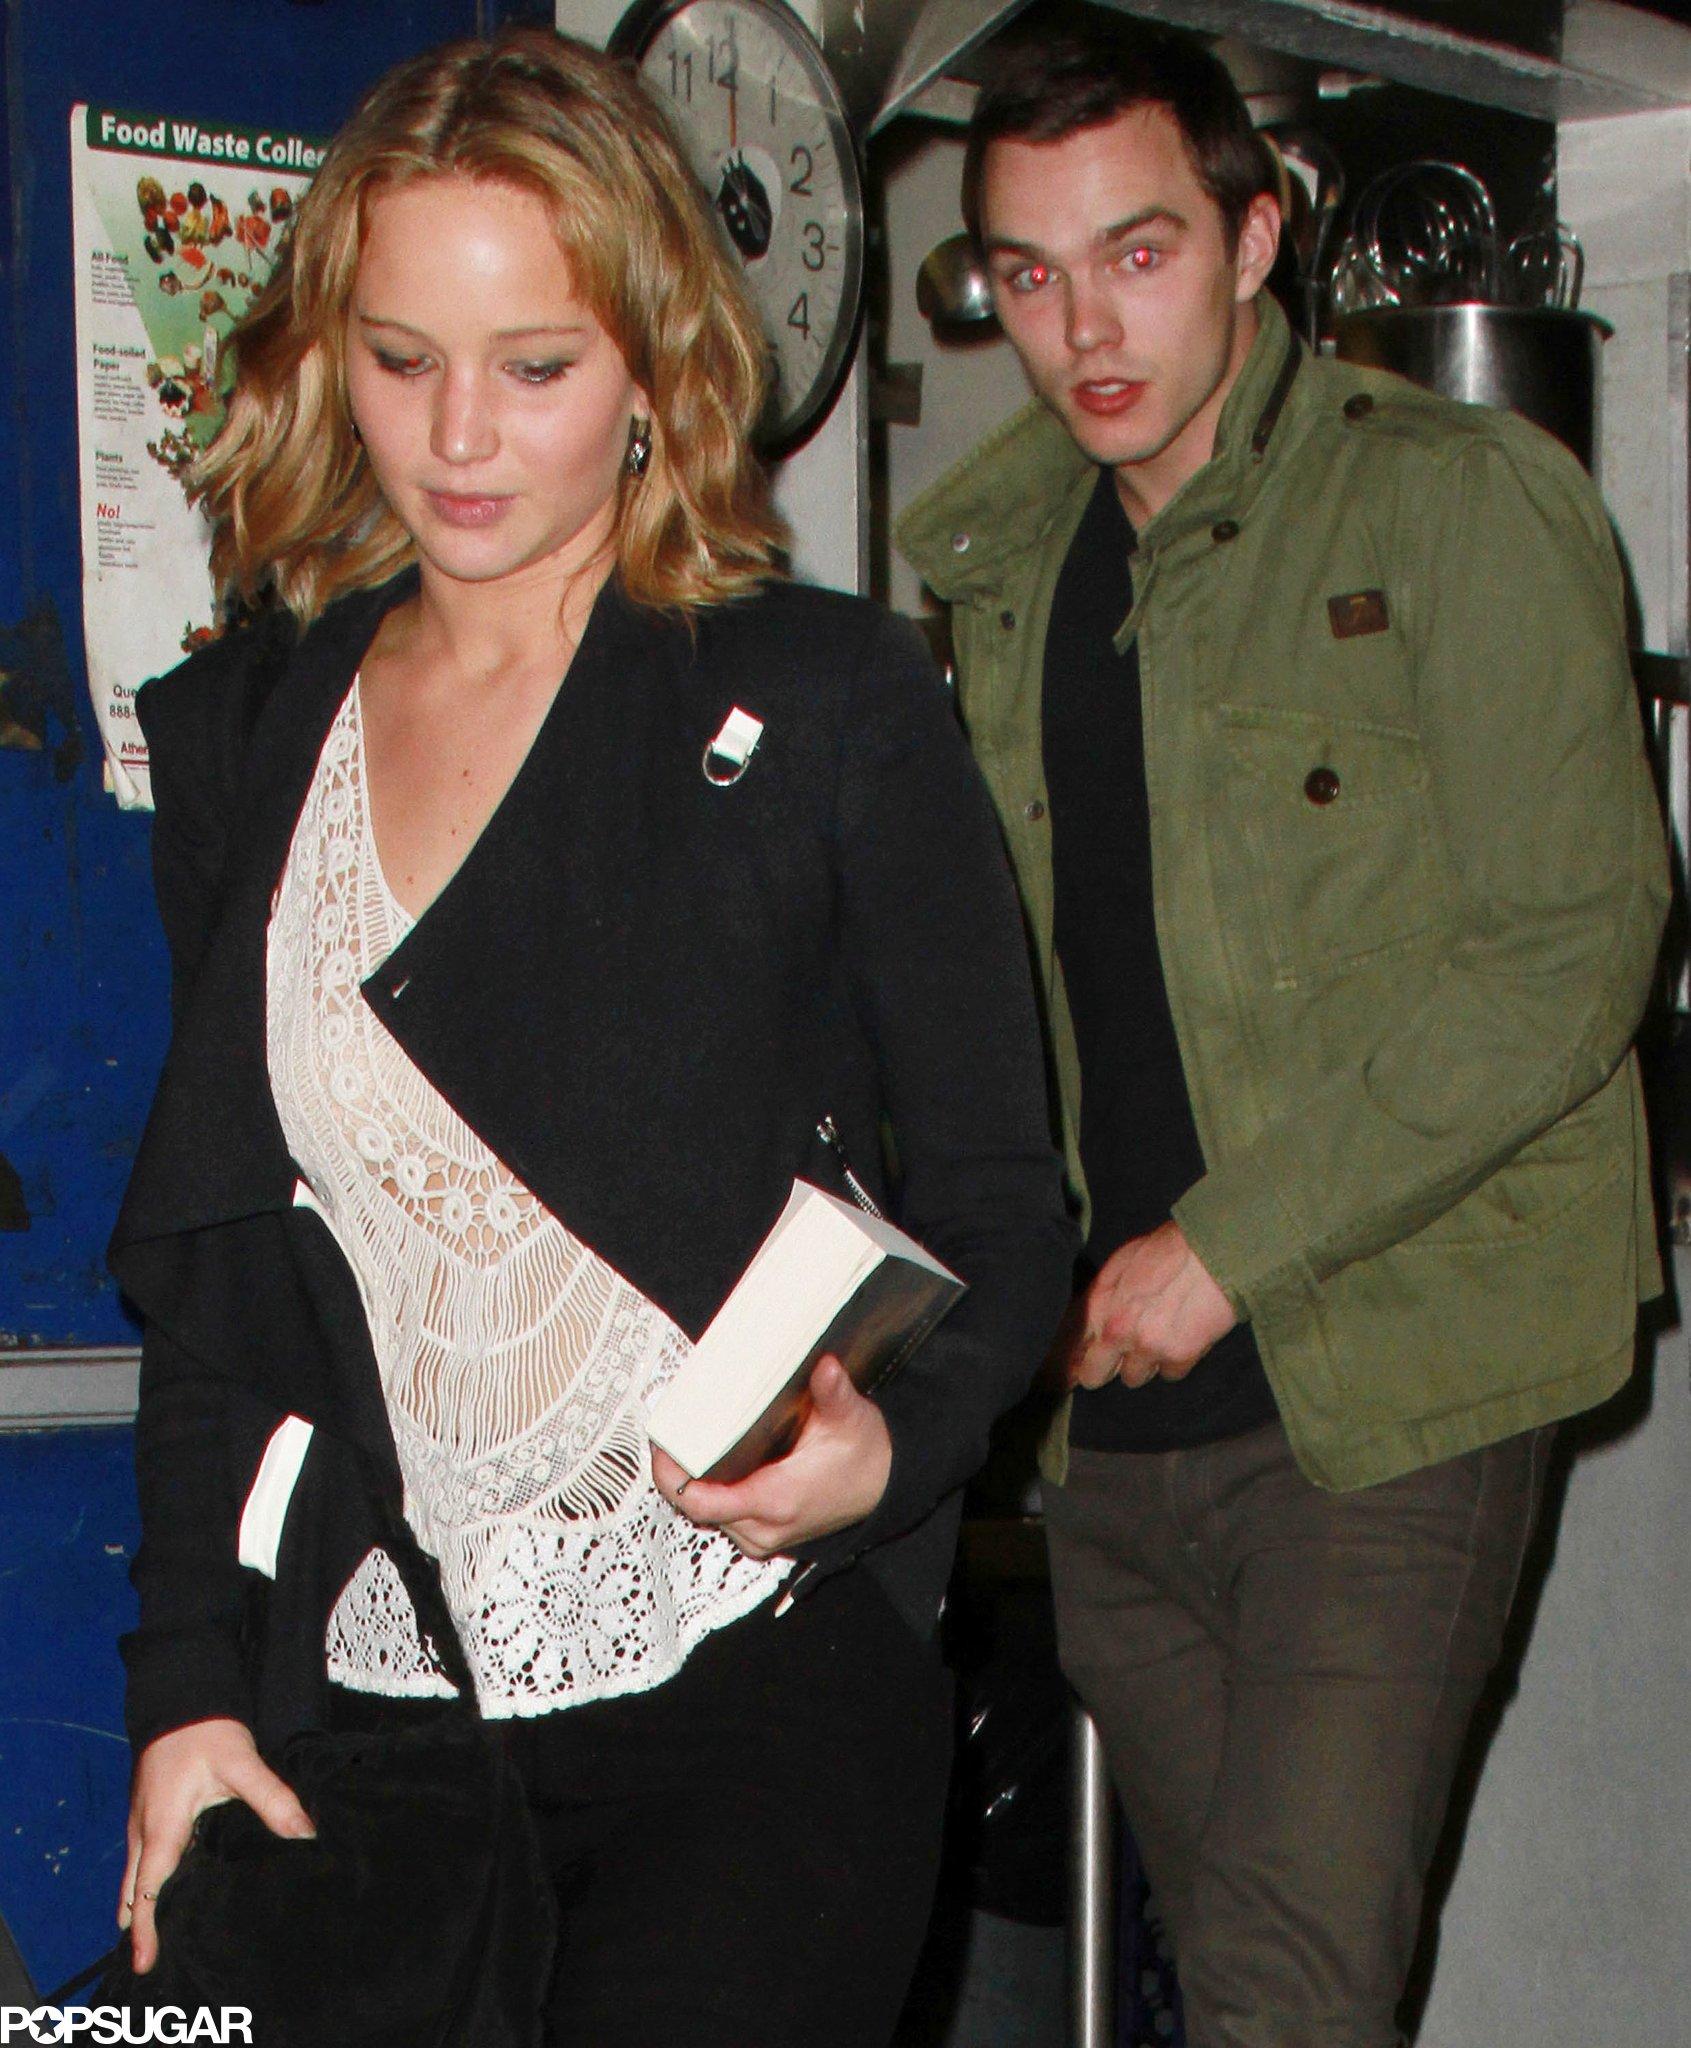 Jennifer Lawrence and Nicholas Hoult left The Little Door restaurant in LA together.